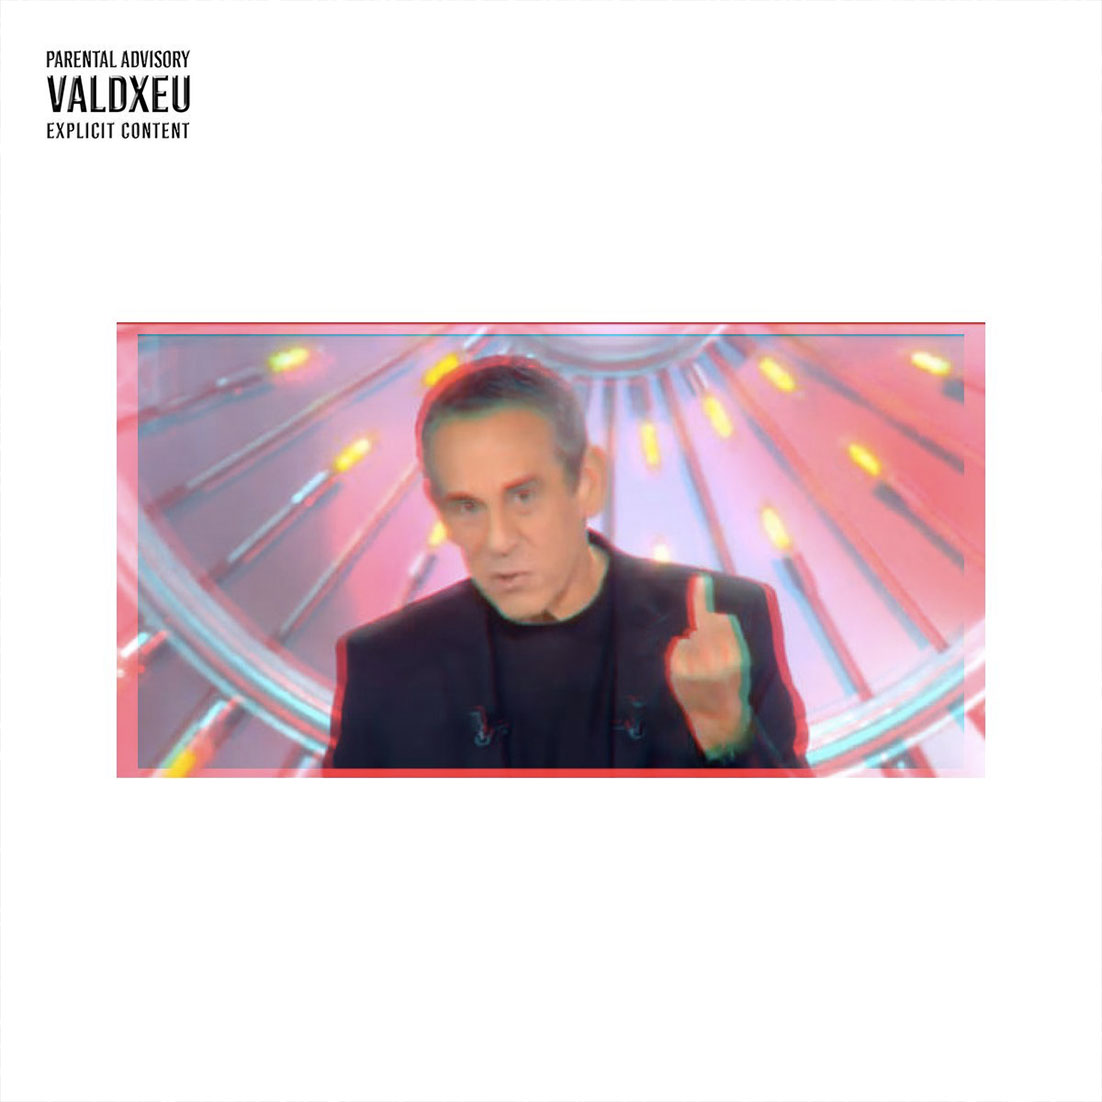 """Vald cover fans rap creation musique xeu ardisson - Les meilleures pochettes réalisées pour """"XEU"""", le nouvel album de Vald"""